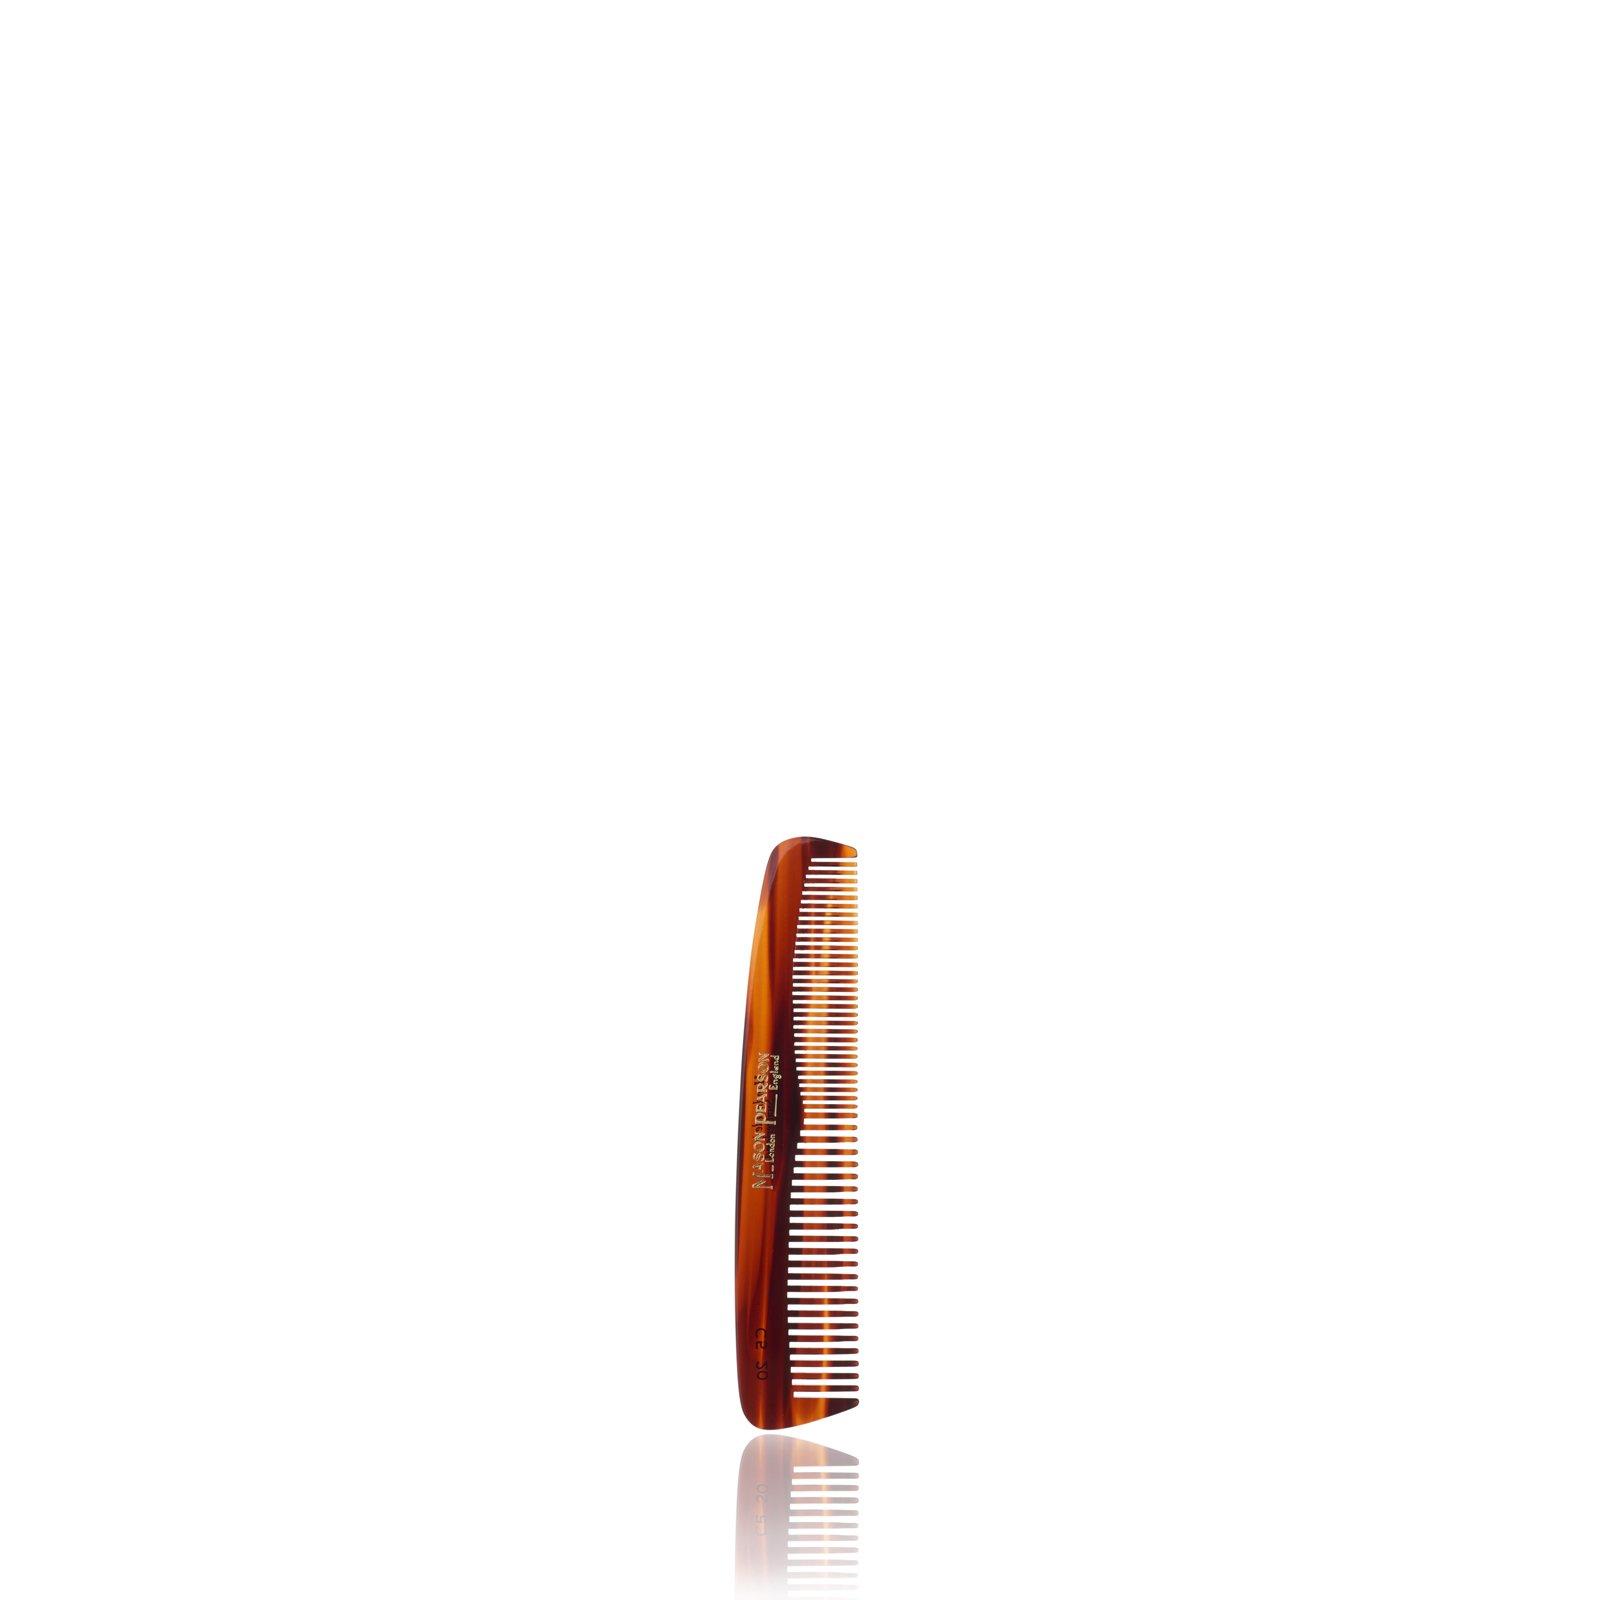 C5 Pocket Comb from Mason Pearson